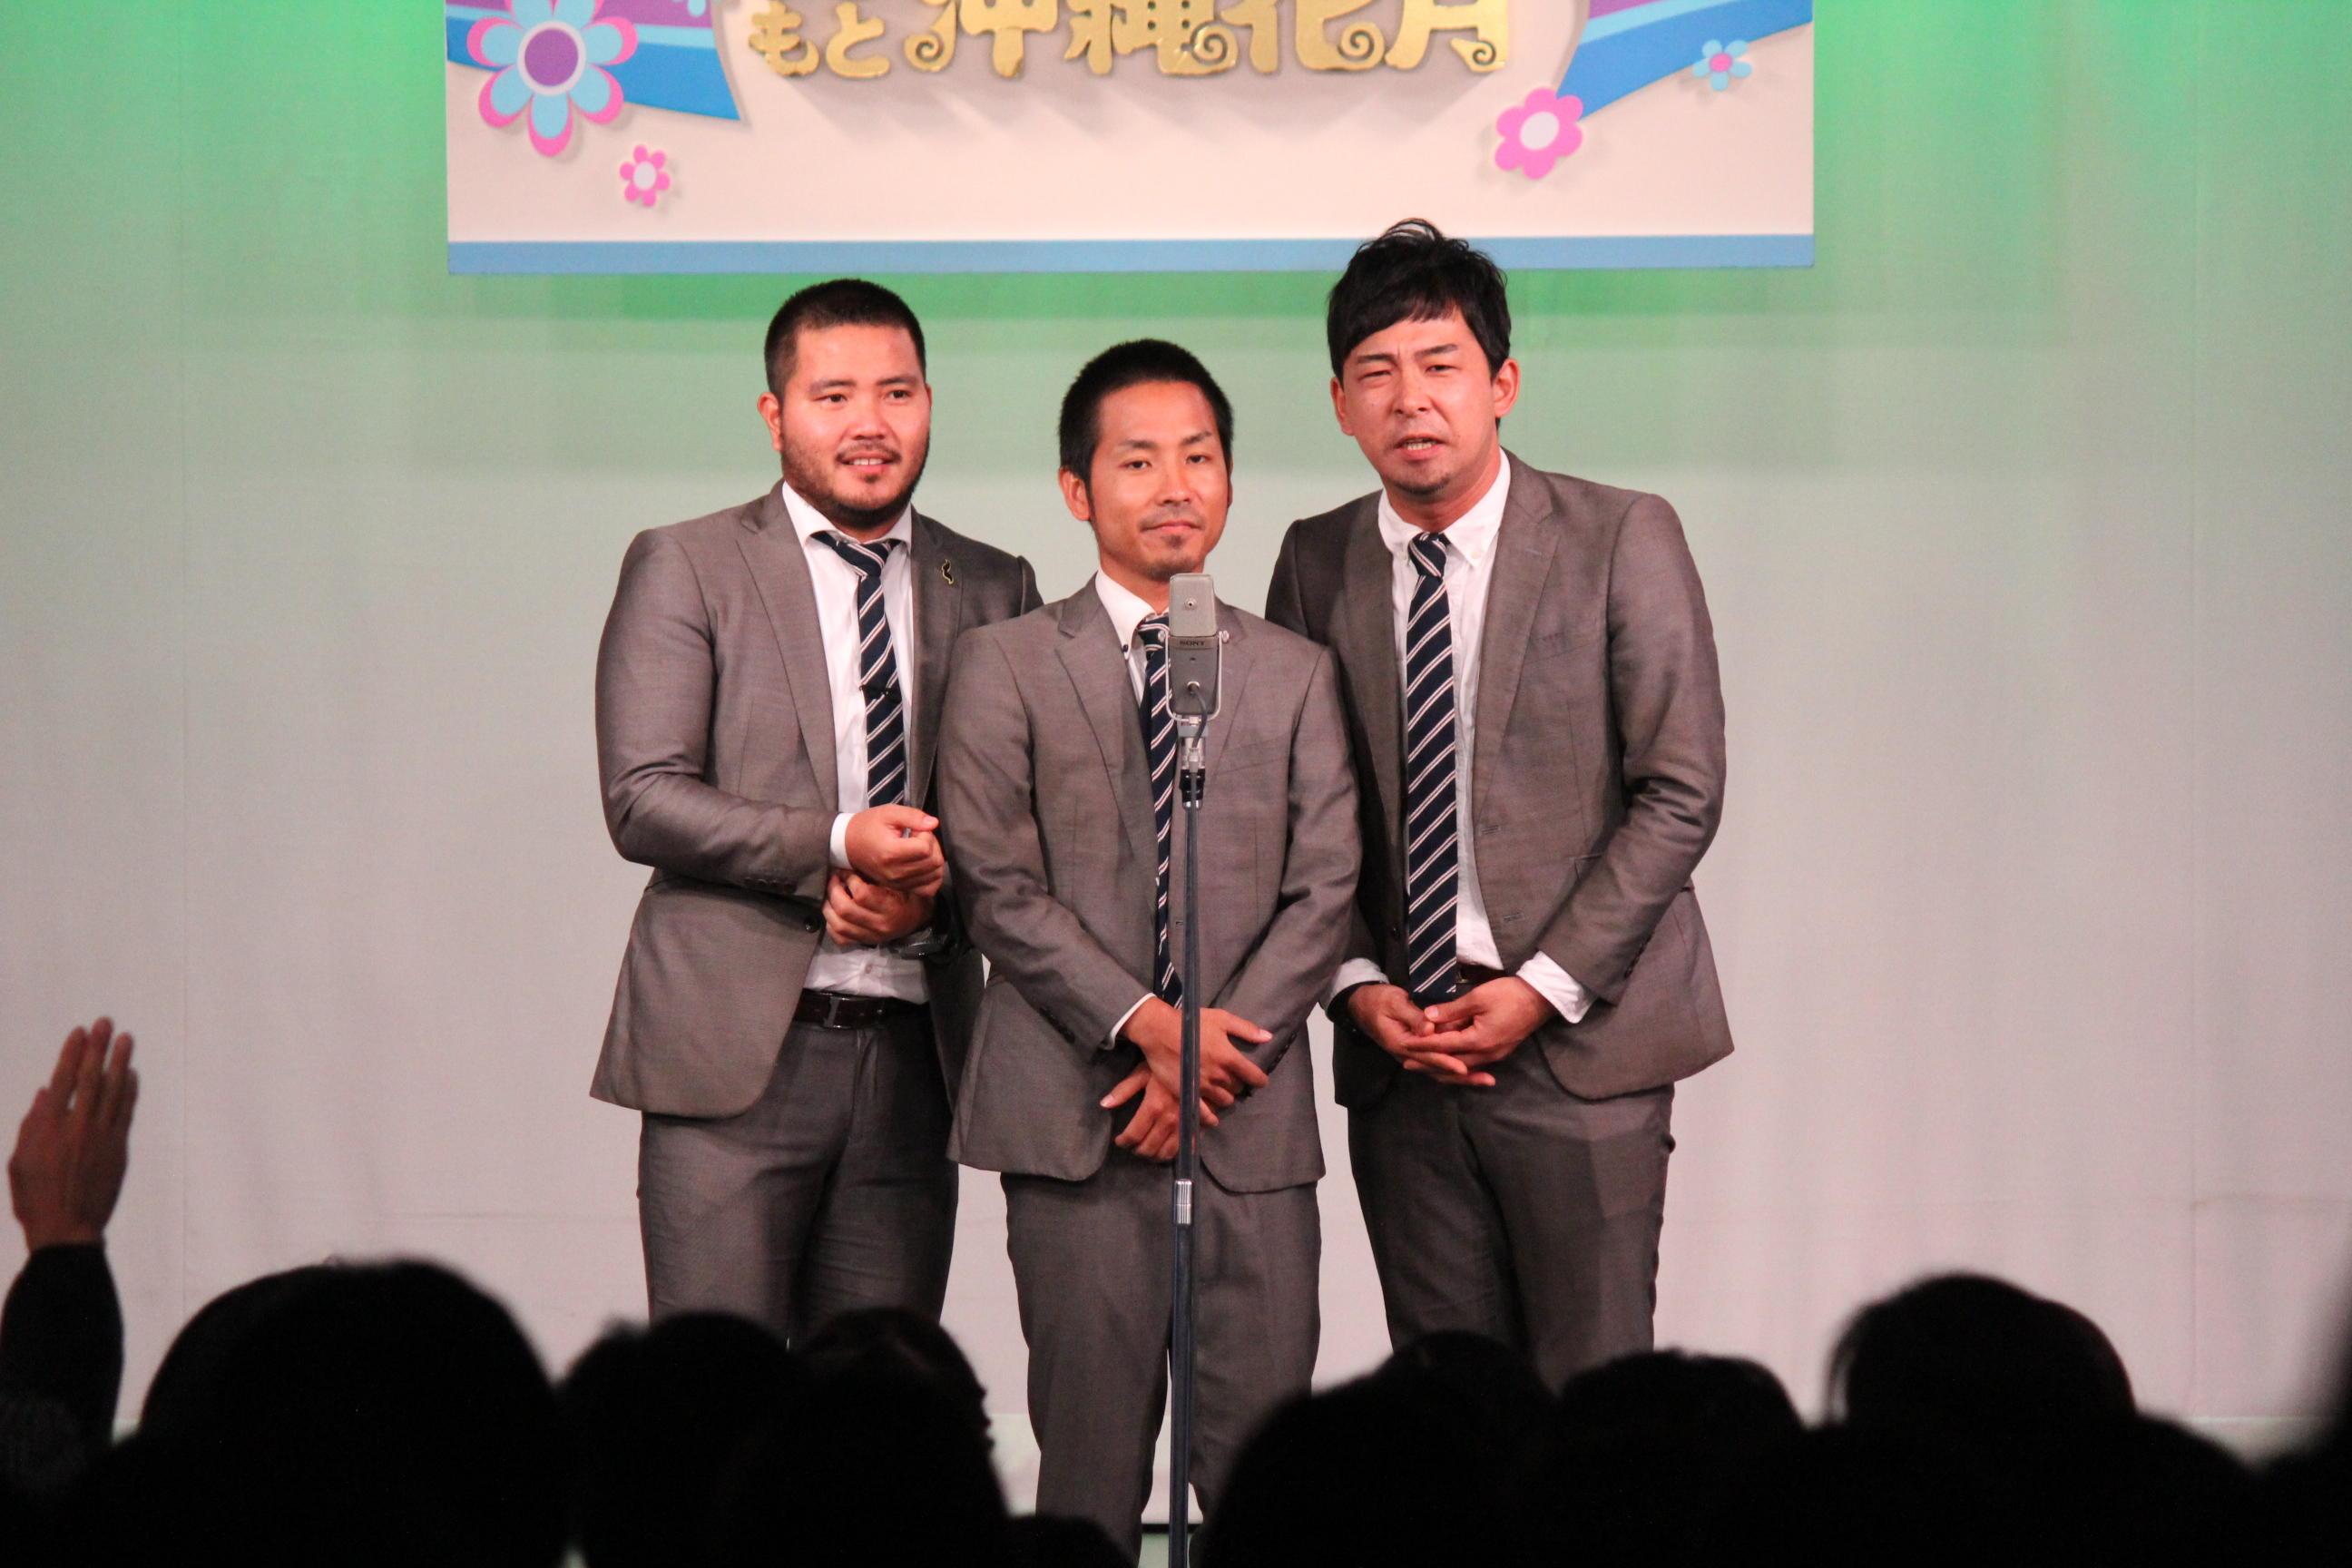 http://news.yoshimoto.co.jp/20151231205634-c0b742f31b3670bc1a2fb0b7e9c9ea273439f84e.jpg